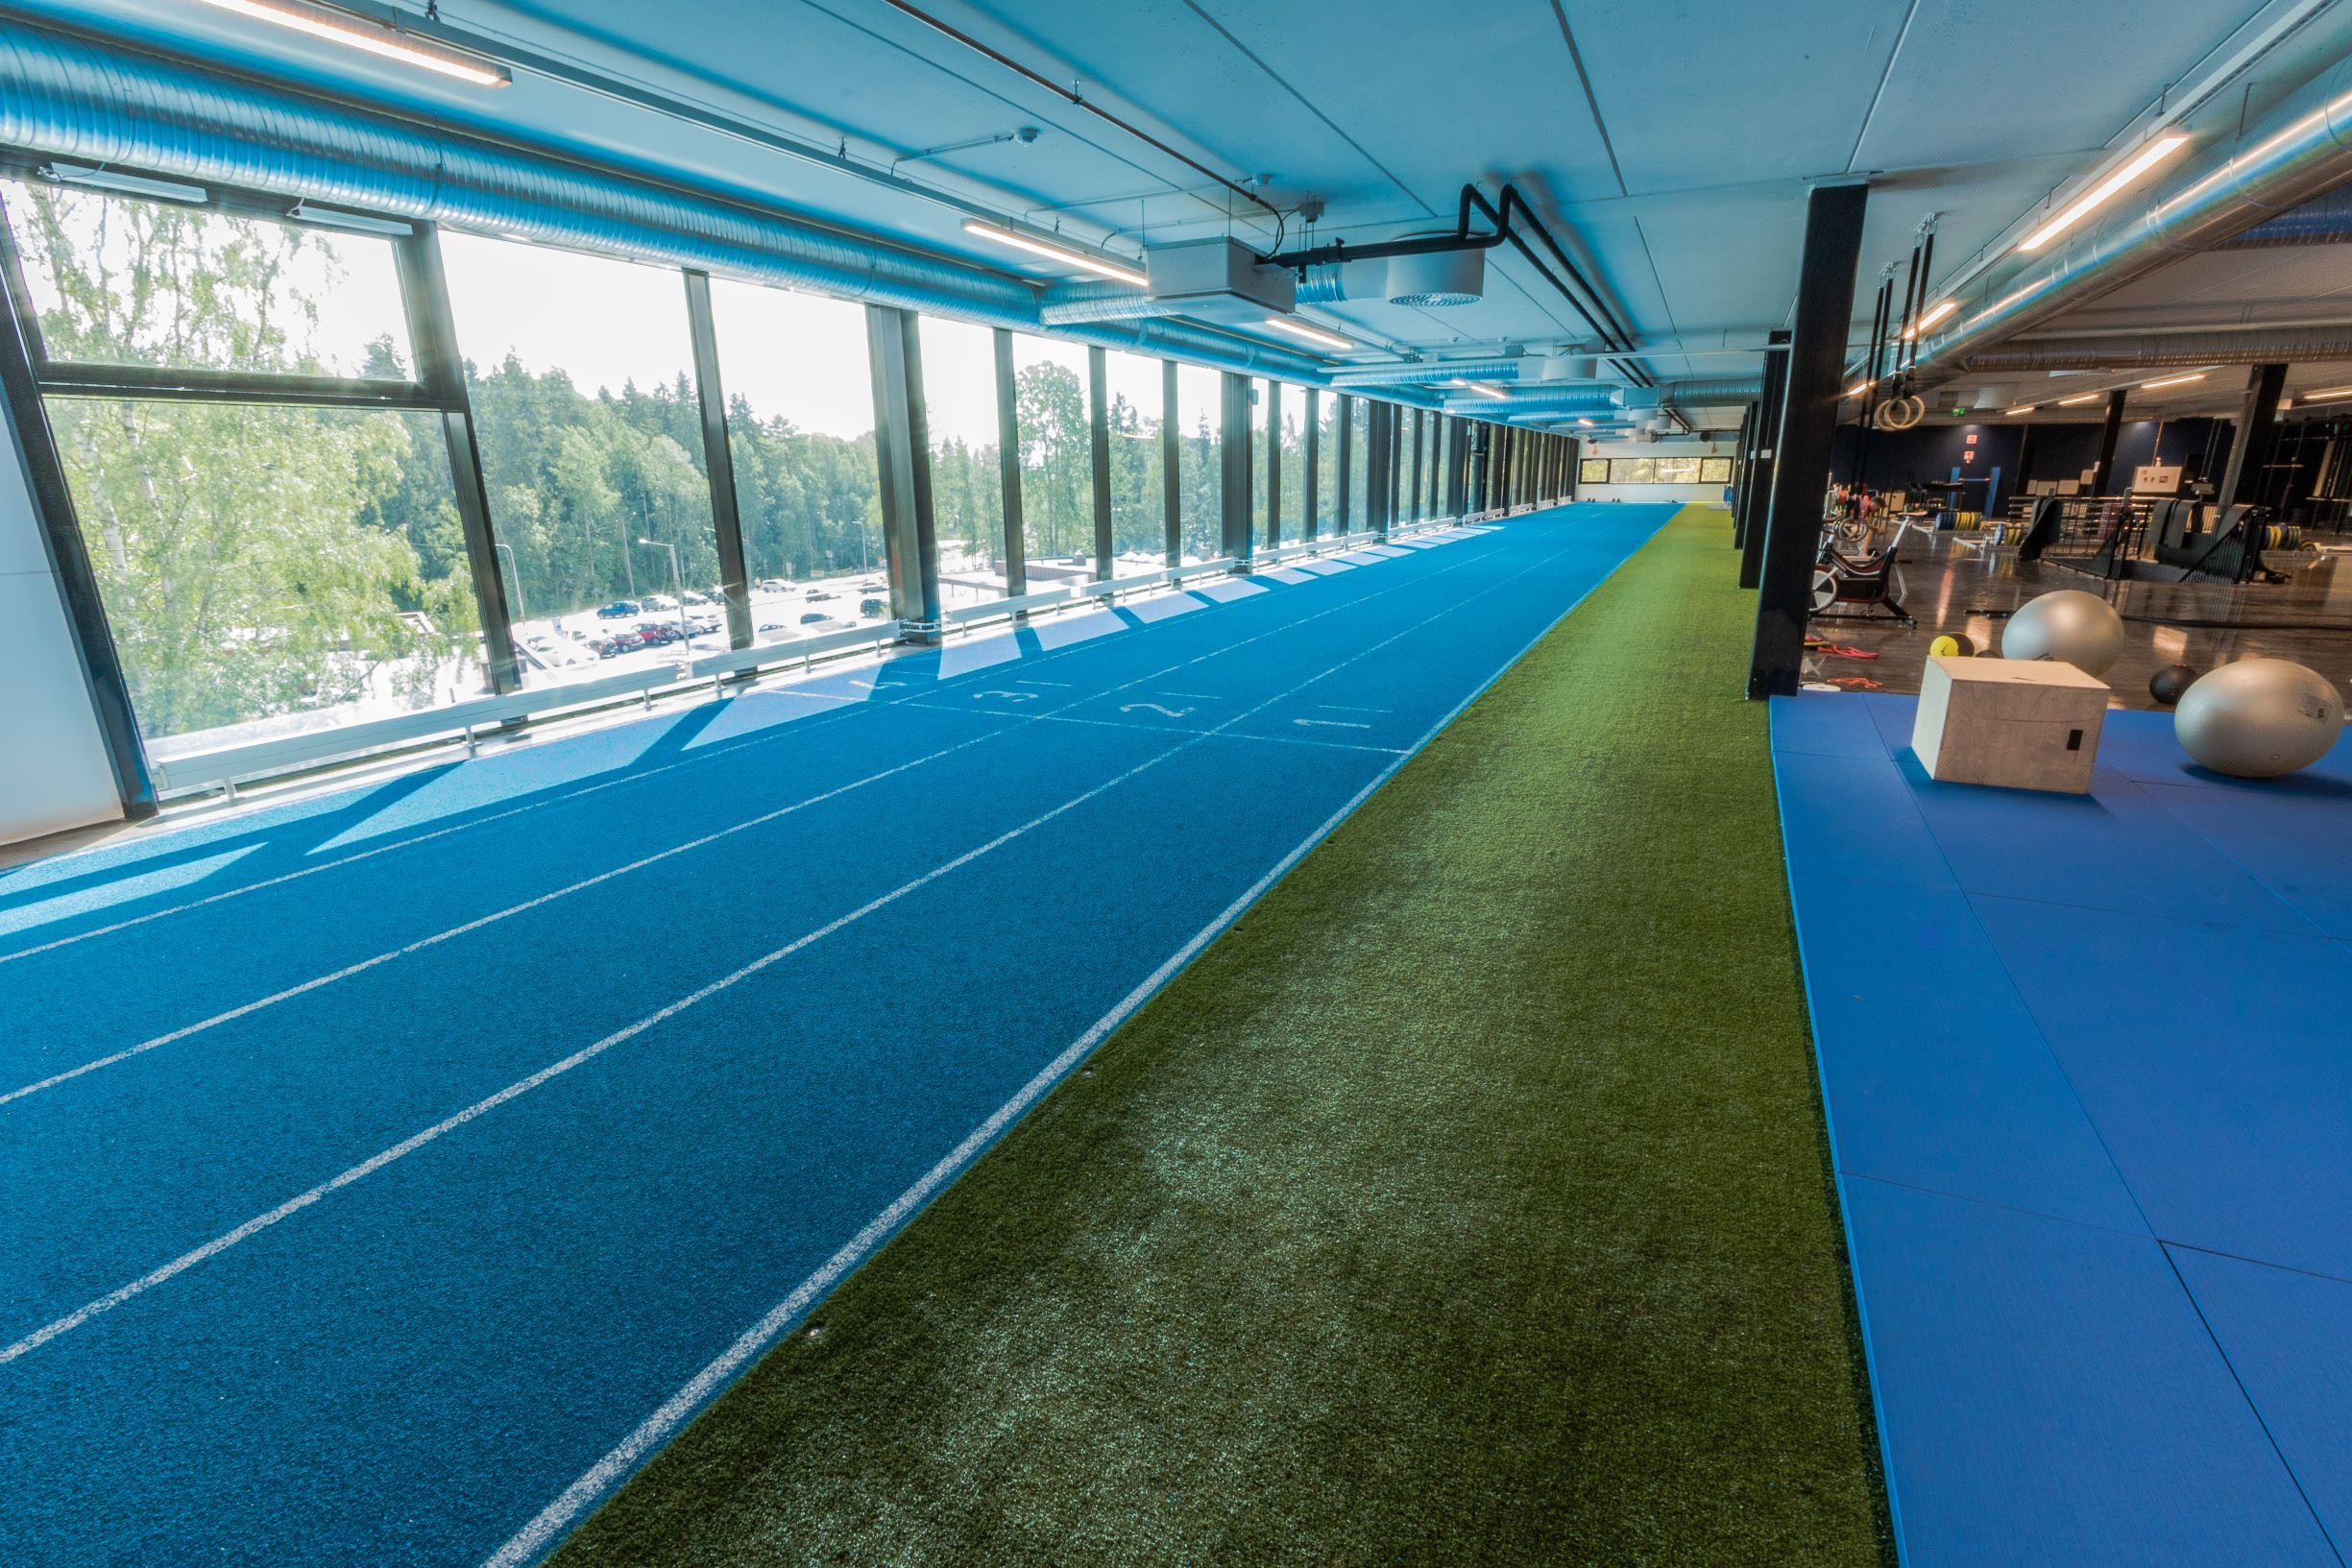 Unisport juoksurata urheilupinnoite Kauppi Sports Center